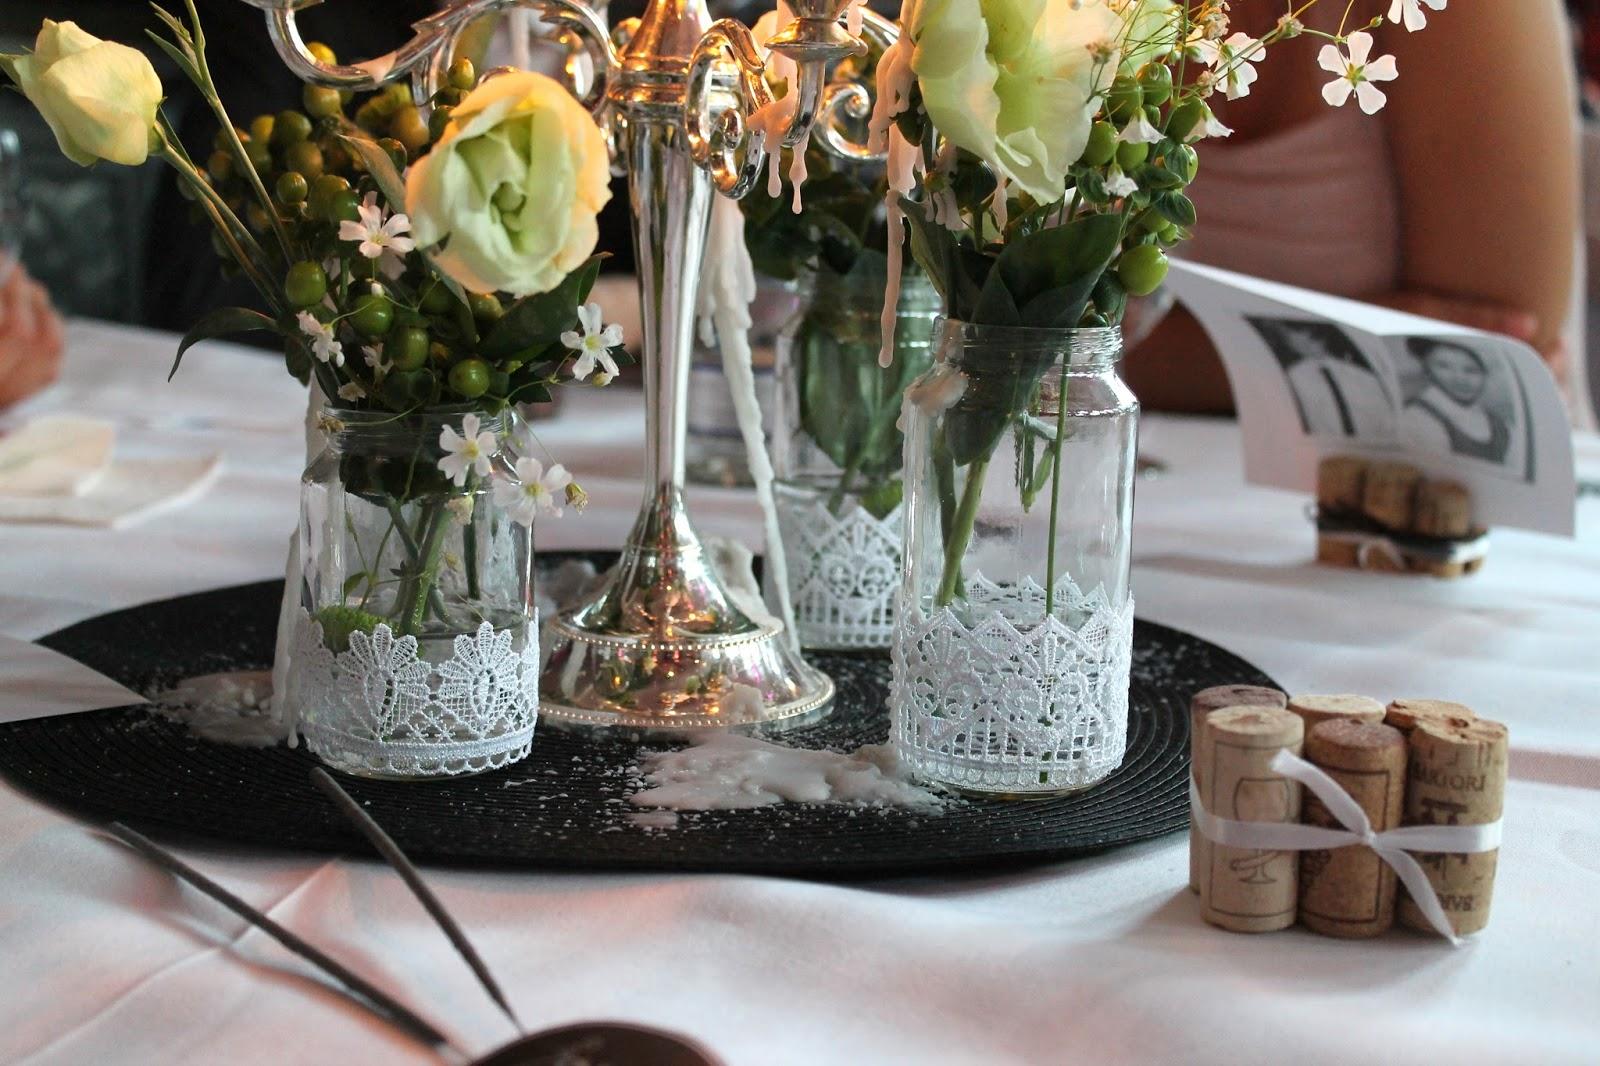 Tischdeko Glaser Diy 1 Muster Tolle Deko Glaser Vase Aus Upcycling